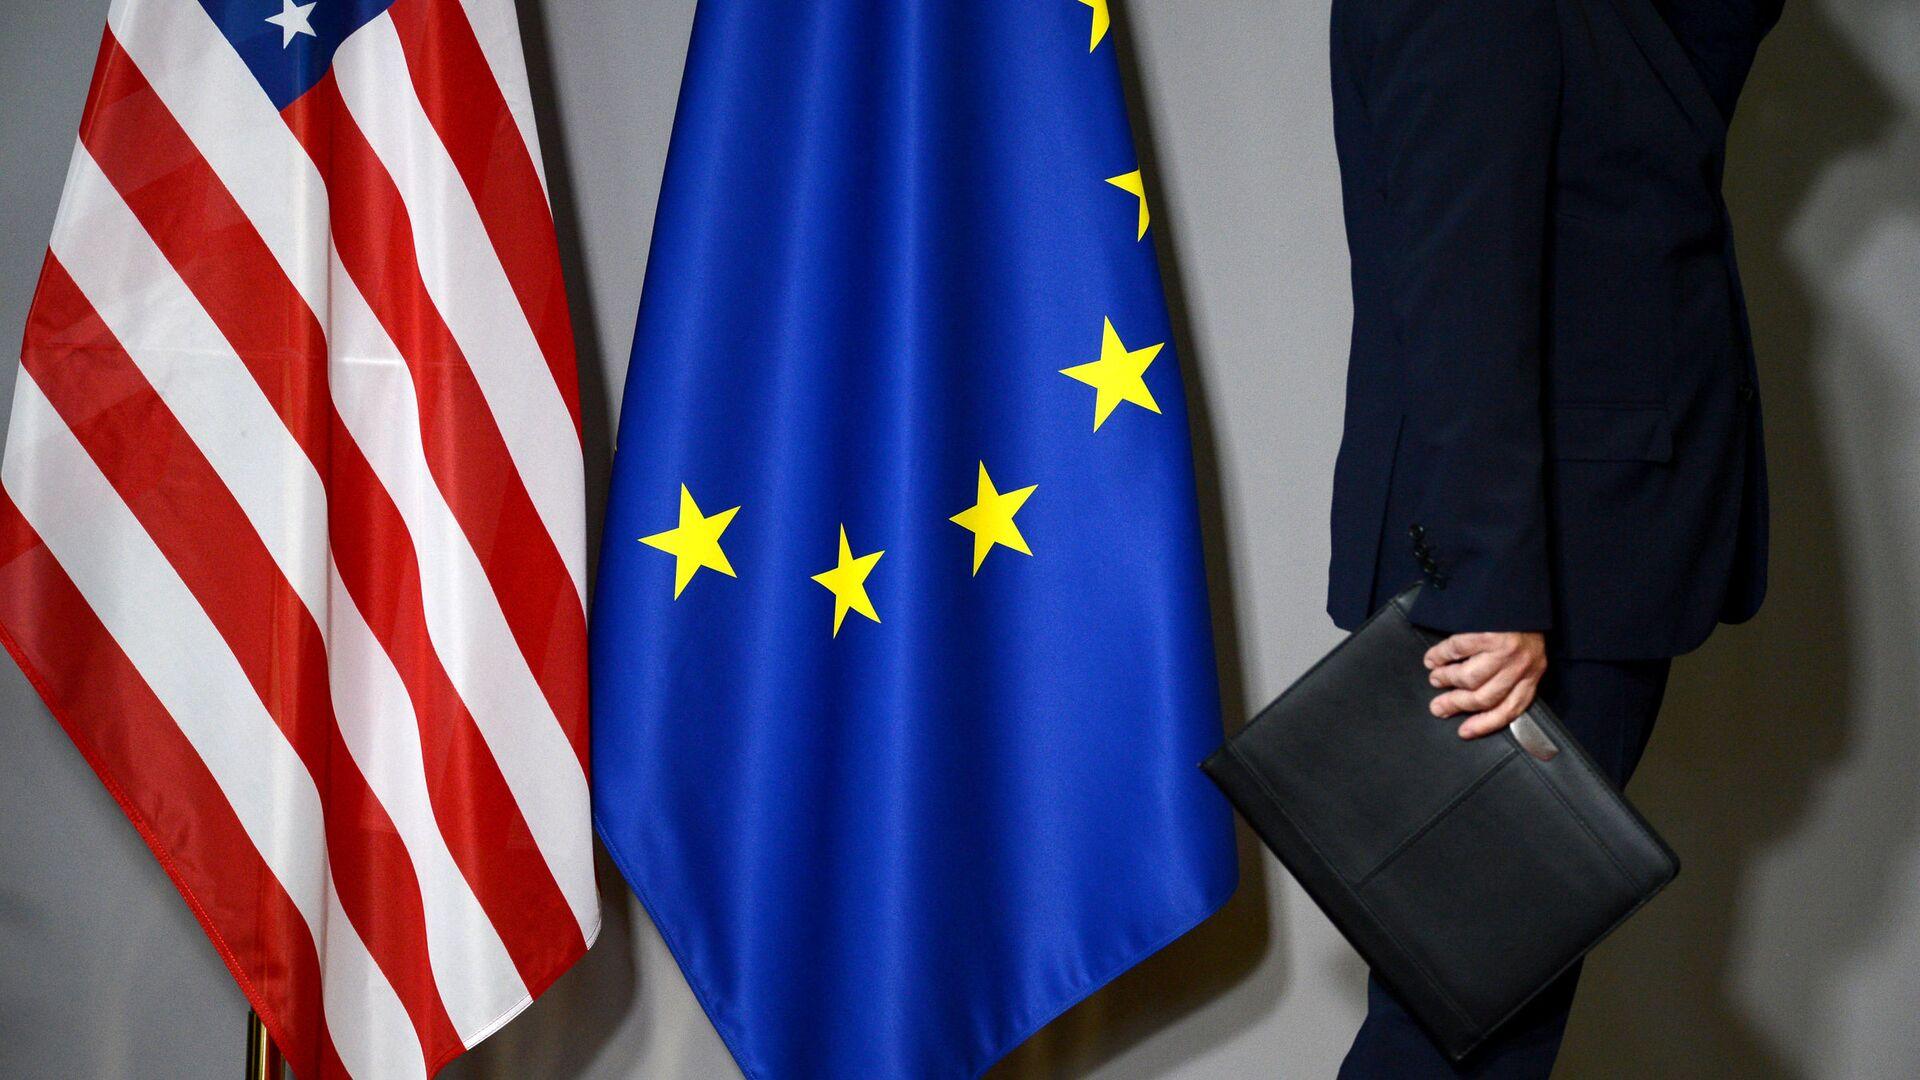 Флаги США и Европейского совета в Брюсселе - РИА Новости, 1920, 08.03.2021